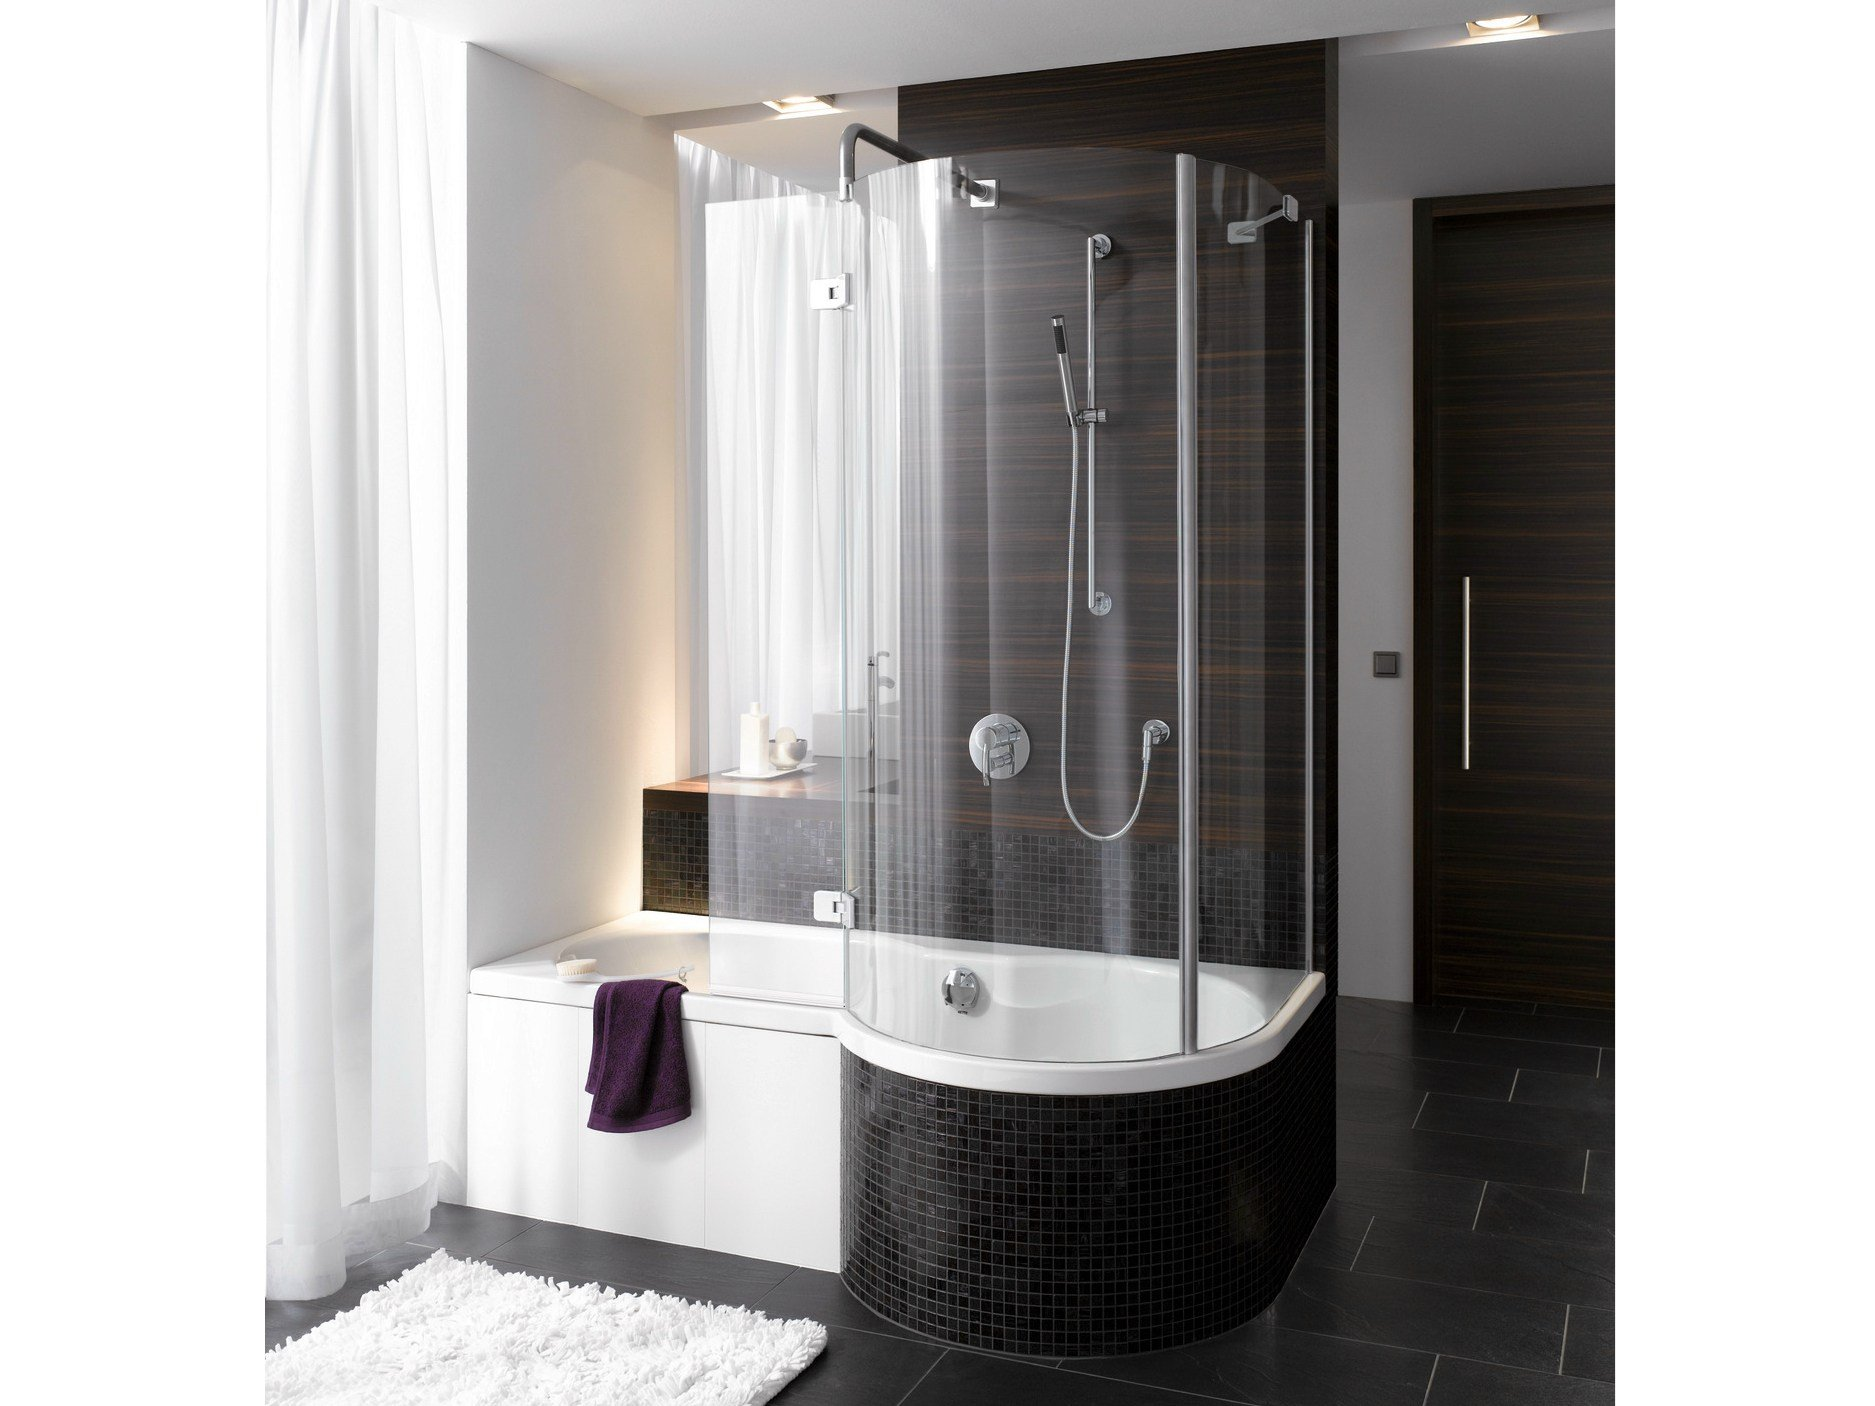 vasche da bagno stile moderno con doccia | archiproducts - Bagno Moderno Con Vasca E Doccia